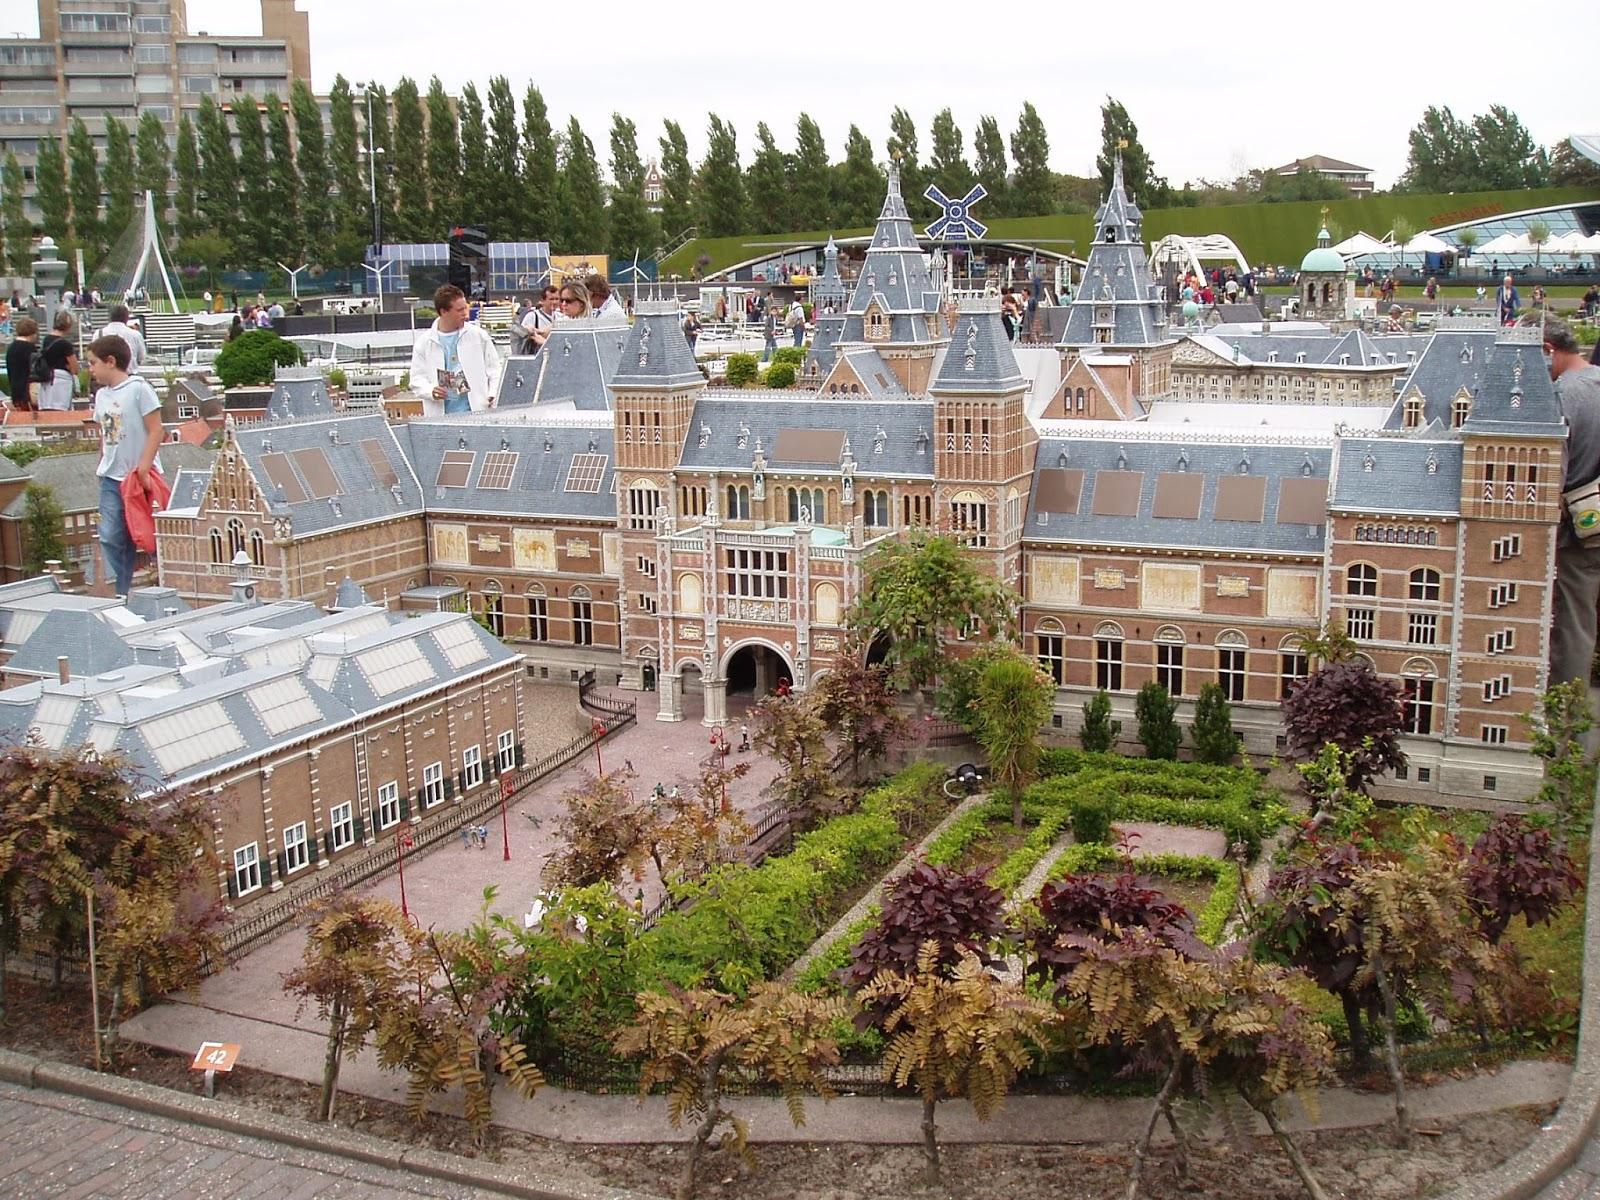 Madurodam, parque en miniatura con los monumentos holandeses.